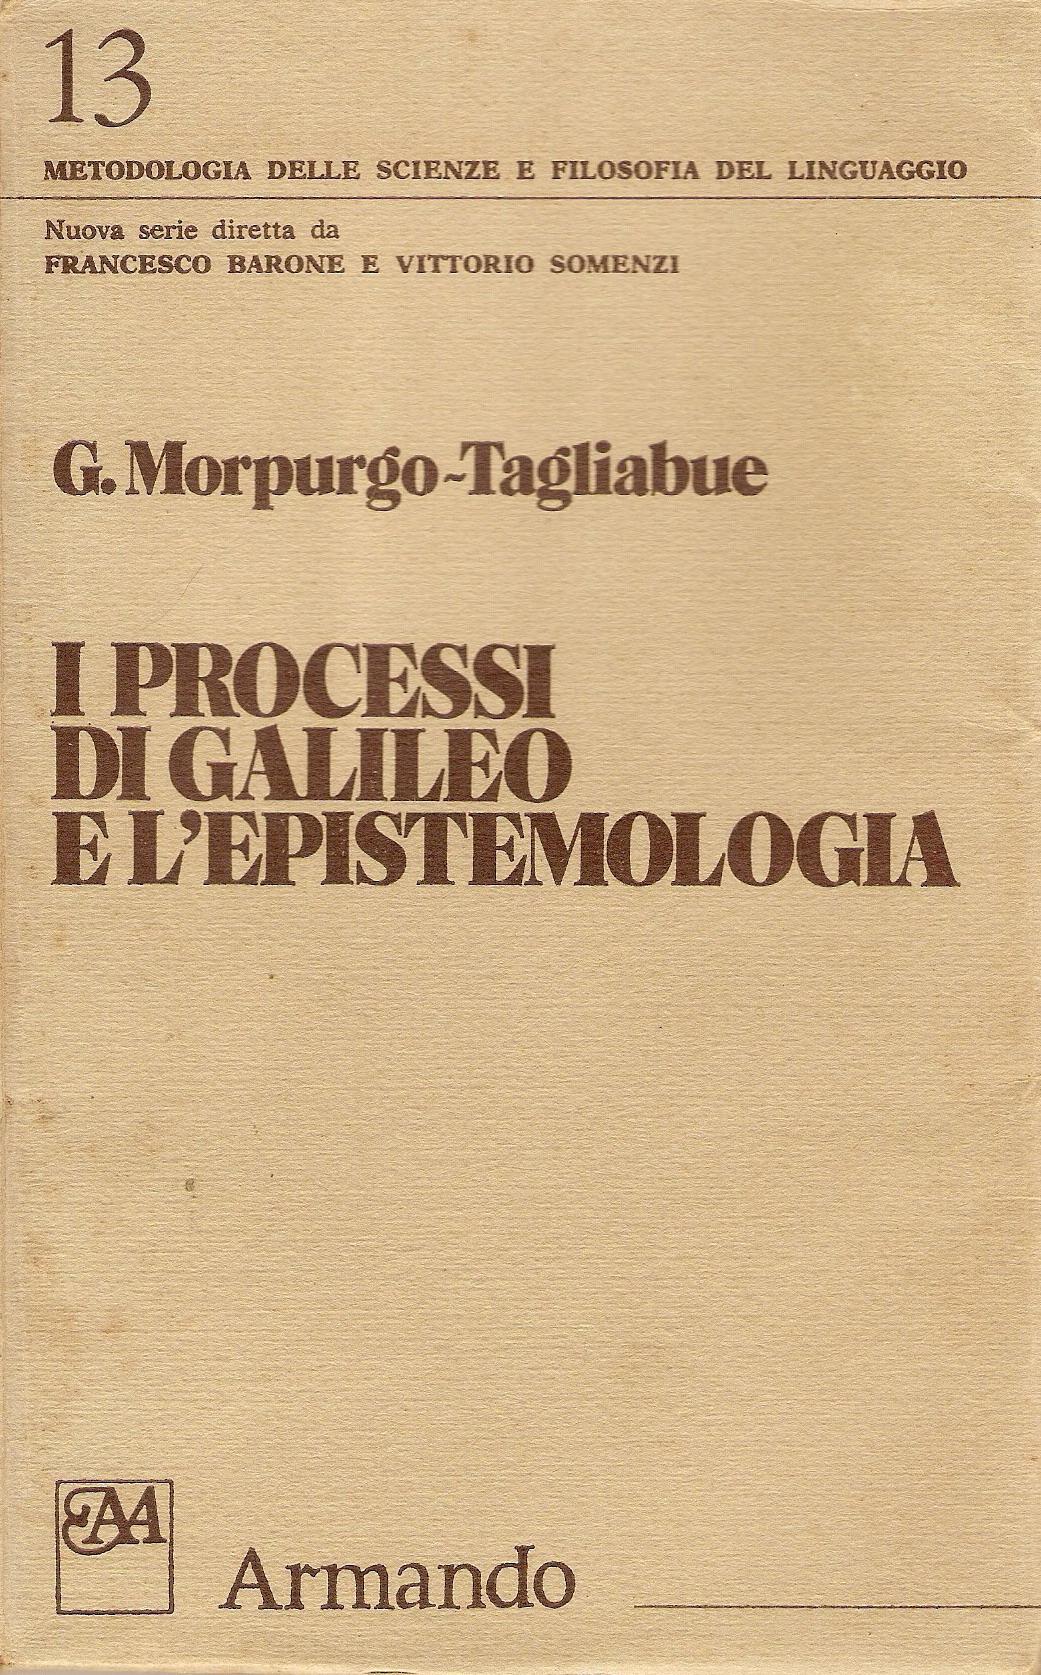 I processi di Galileo e l'epistemologia